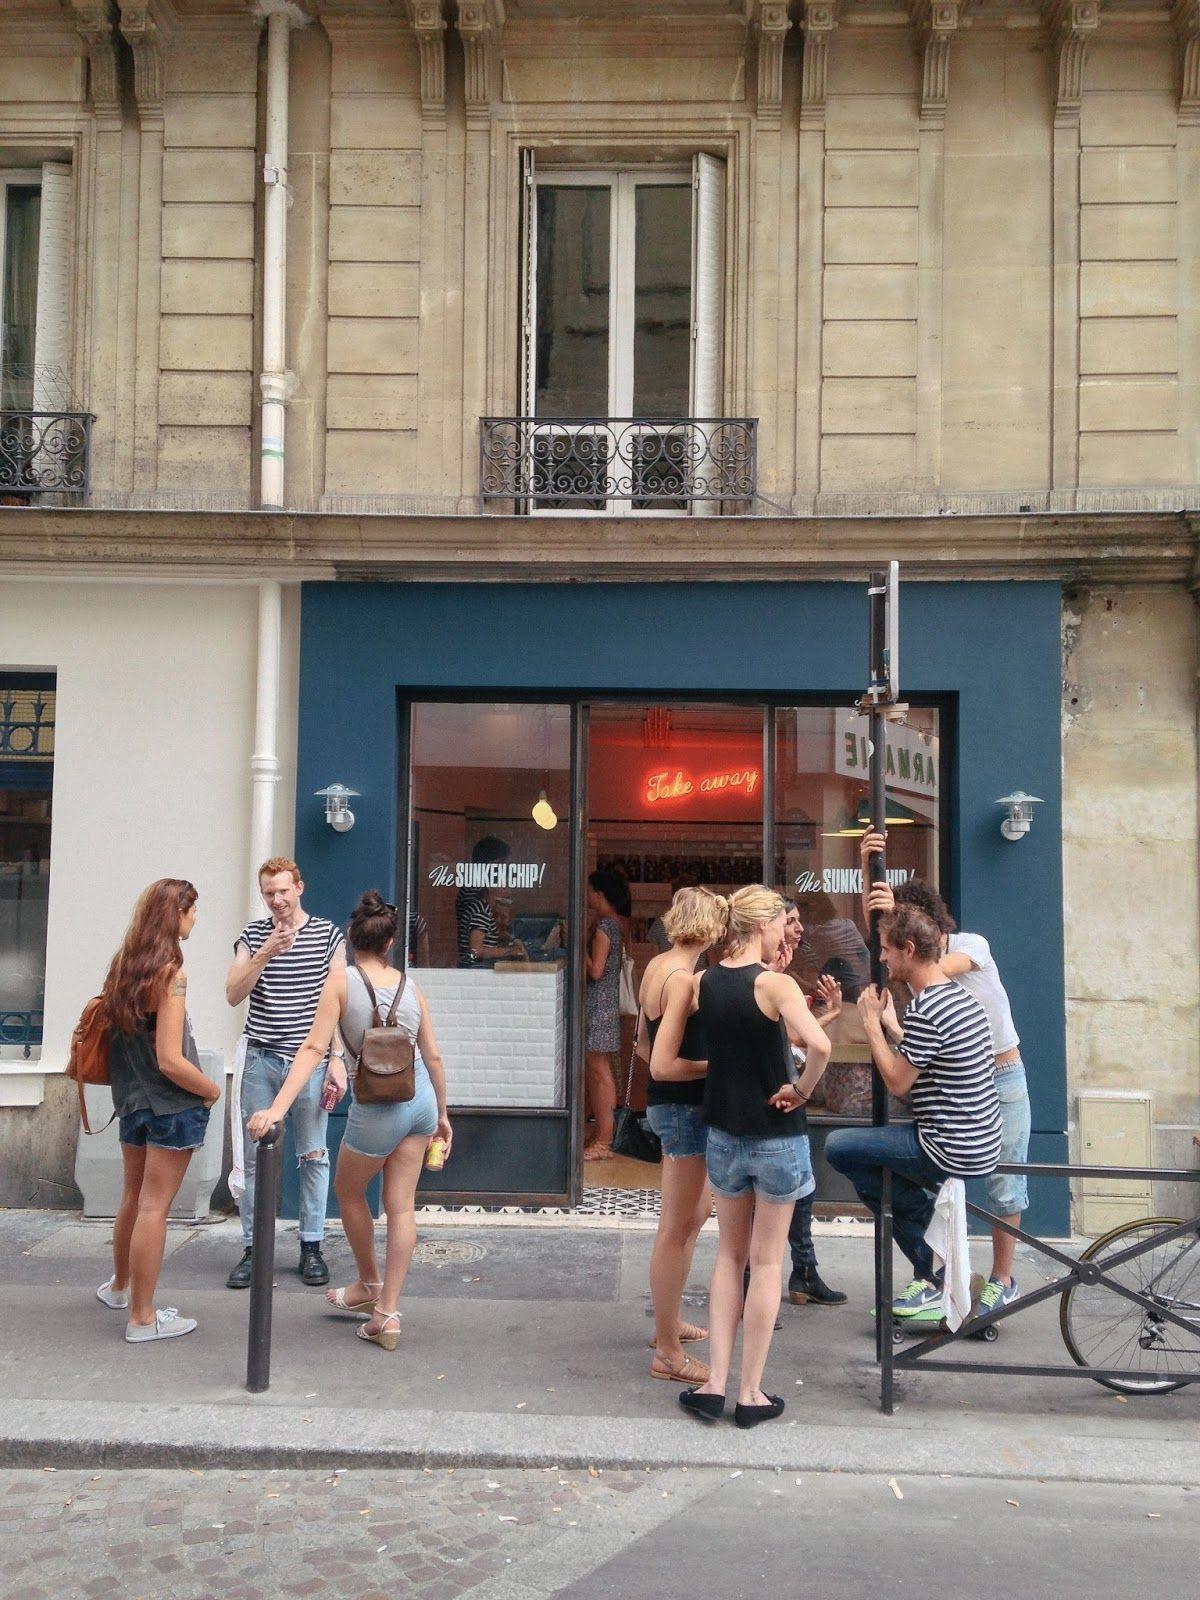 the sunken chip // paris Paris, France travel, Paris france